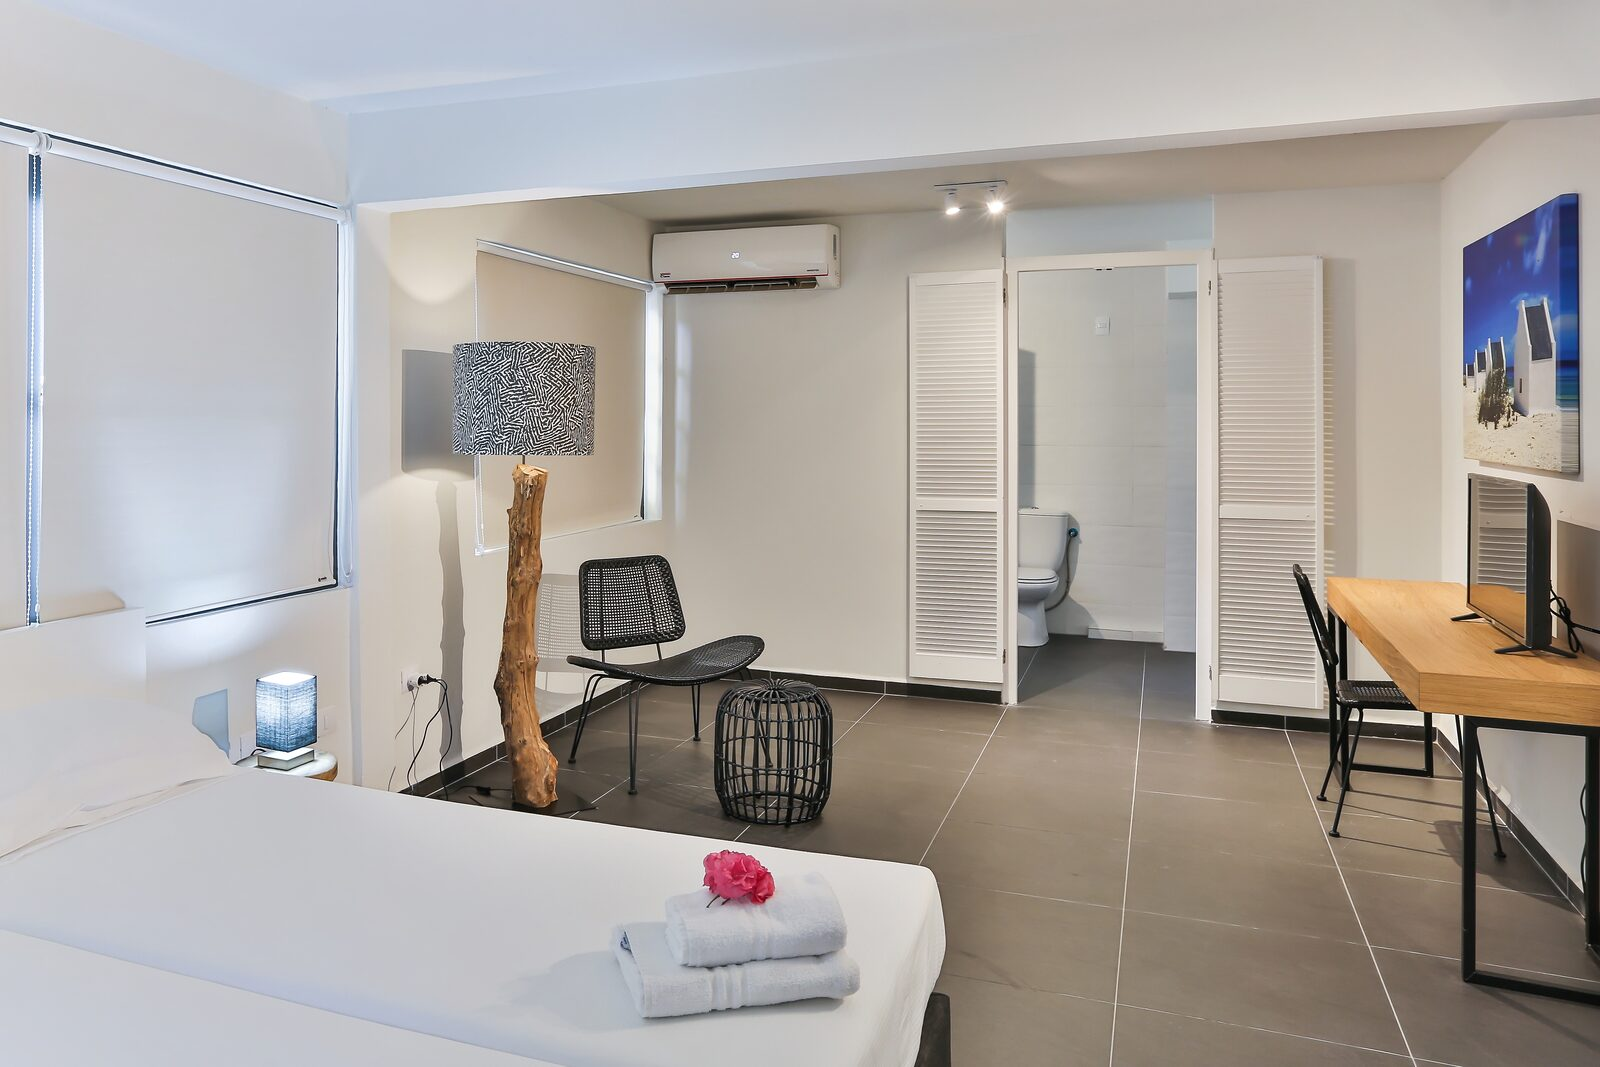 Chambres d'hôtel Bonaire